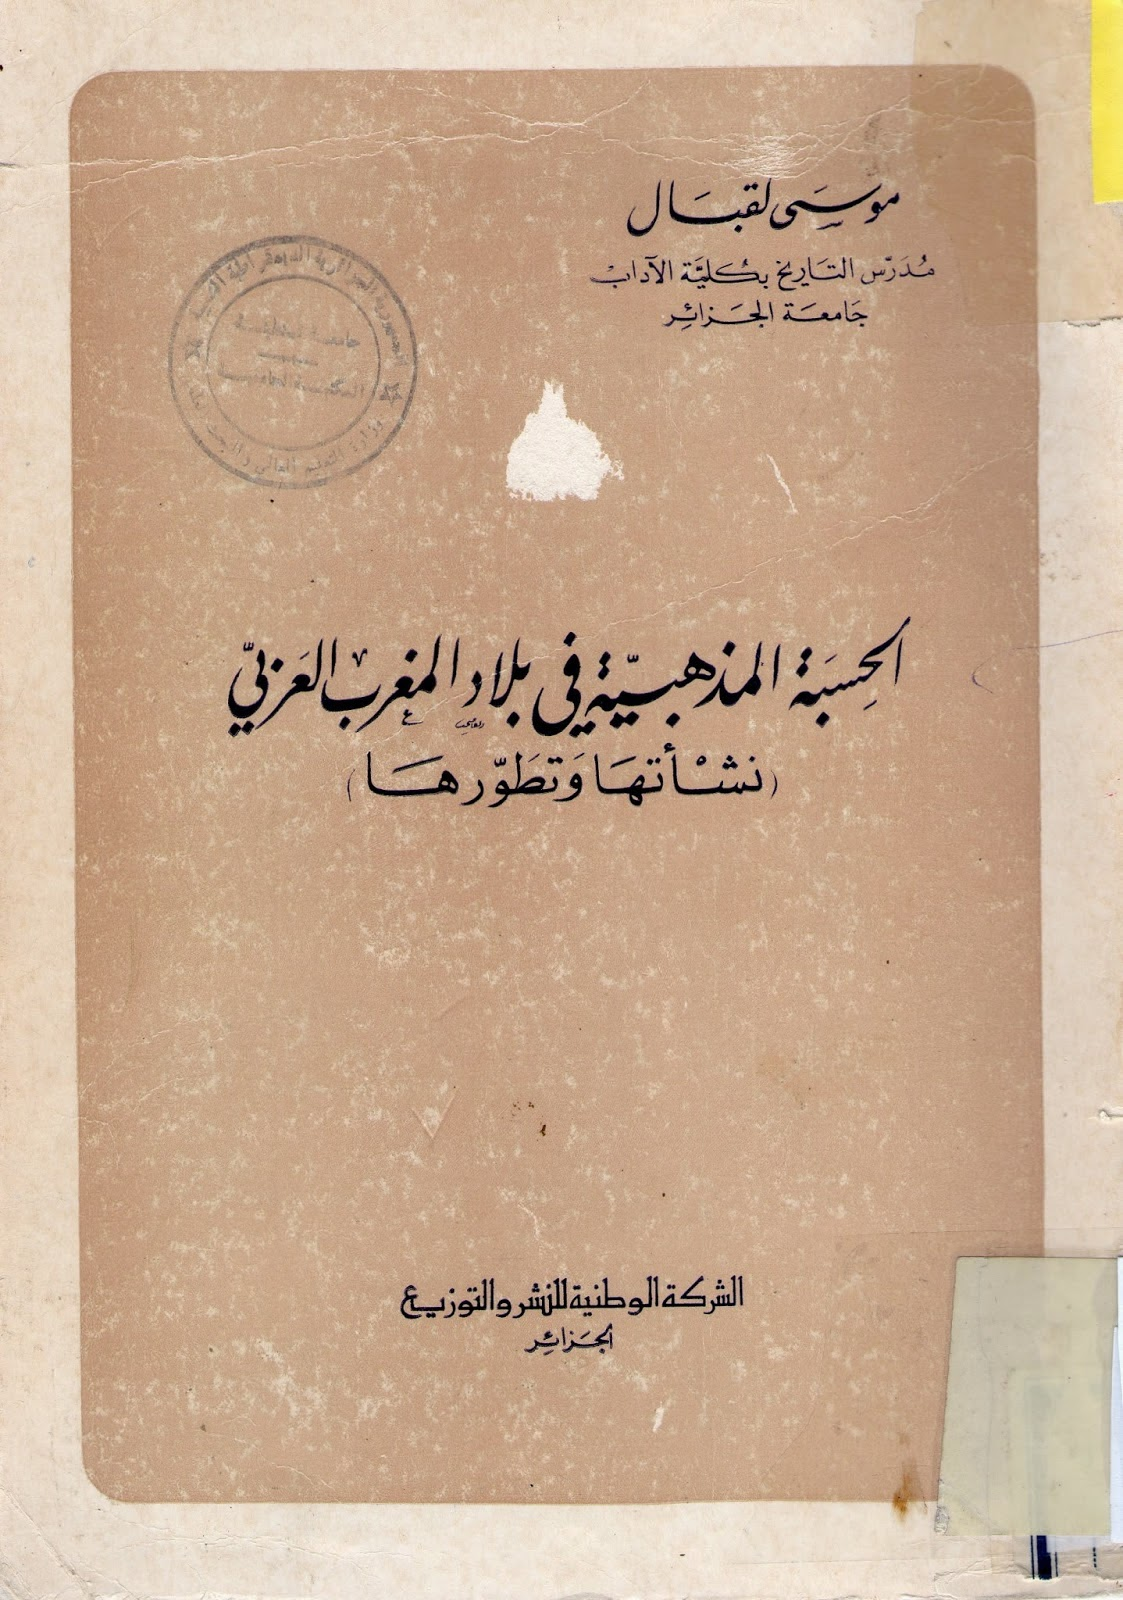 الحسبة المذهبية في بلاد المغرب العربي (نشأتها وتطورها) لـ الدكتور موسى لقبال